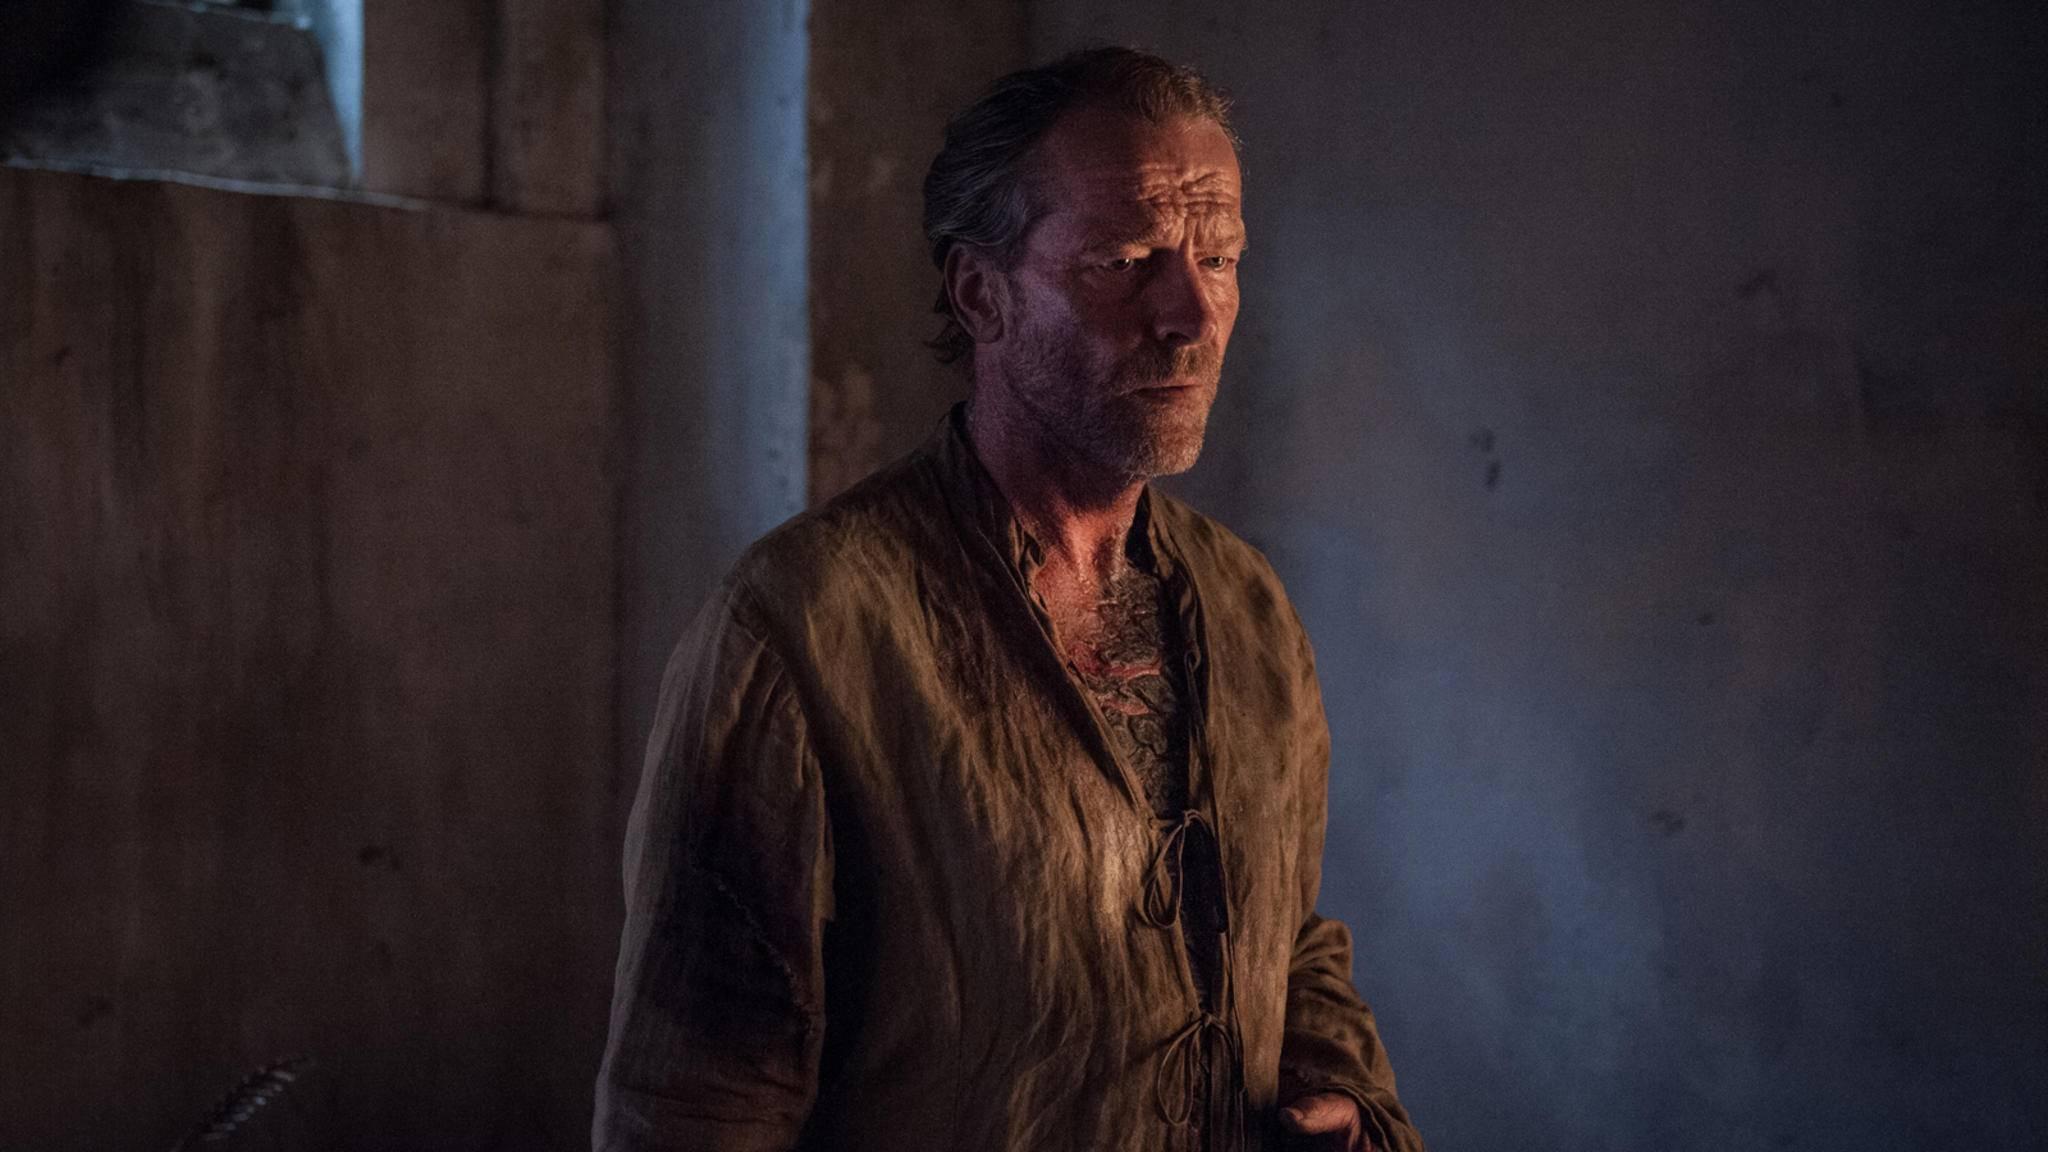 """Was schrieb Ser Jorah Mormont in der vergangenen """"Game of Thrones""""-Folge an seine Khaleesi?"""